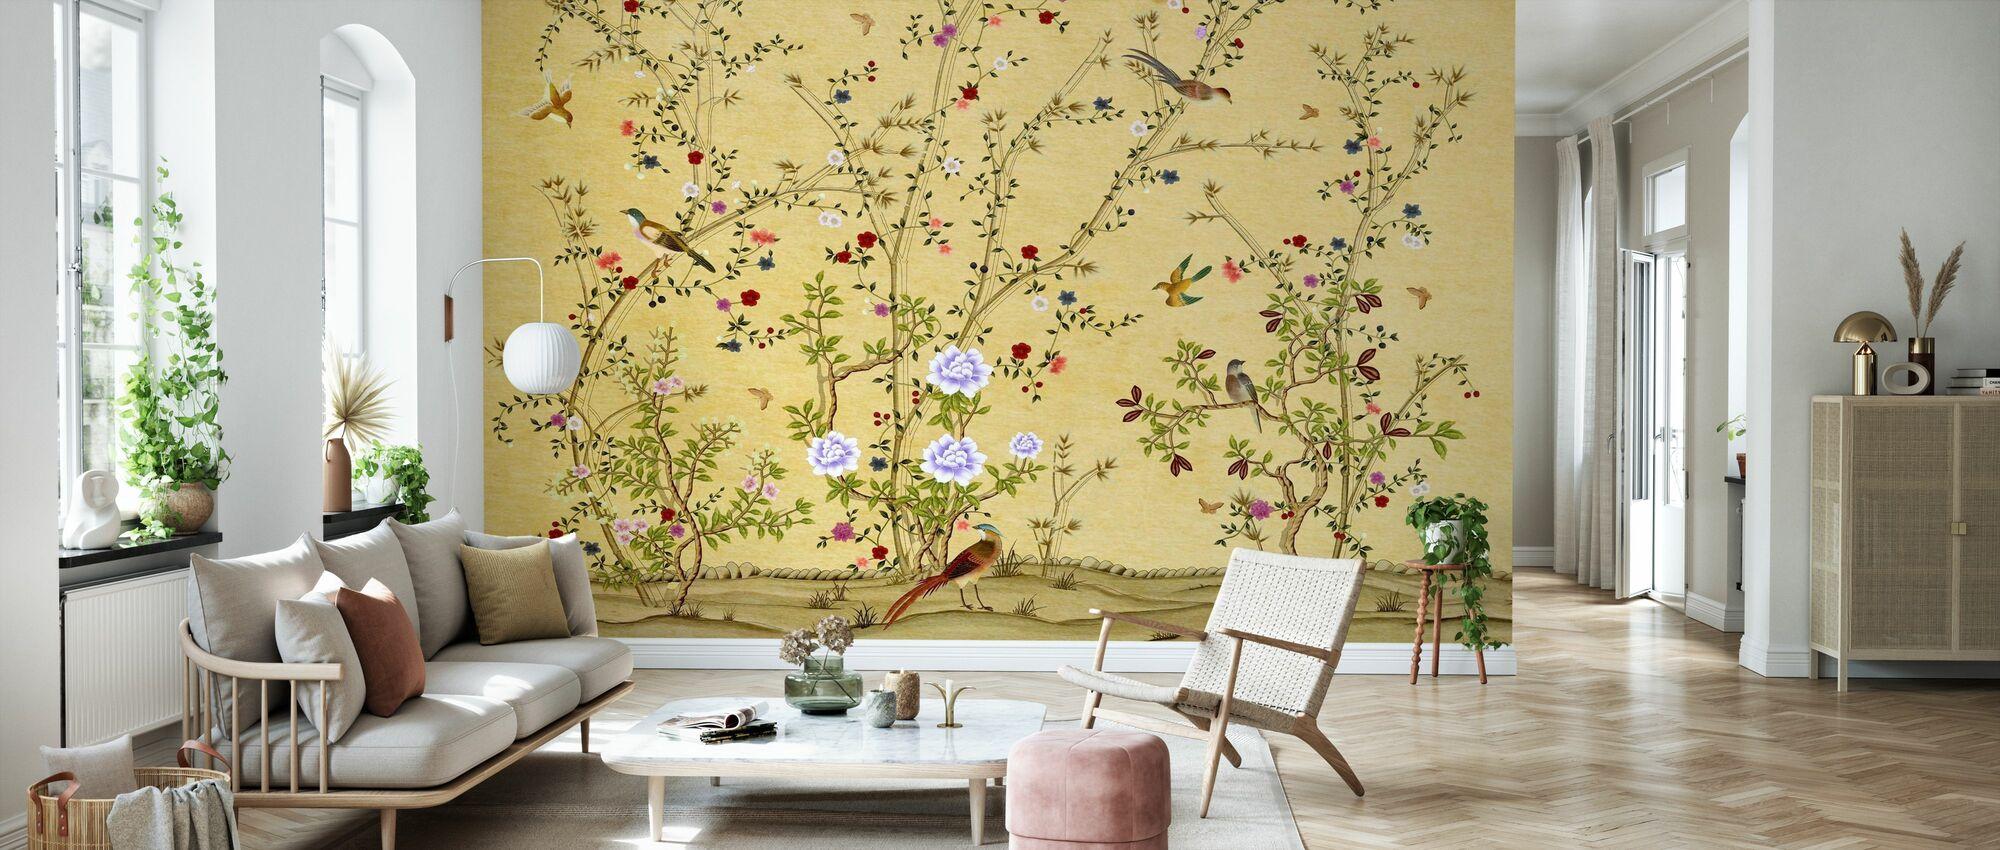 Vögel auf Zweigen - Tapete - Wohnzimmer